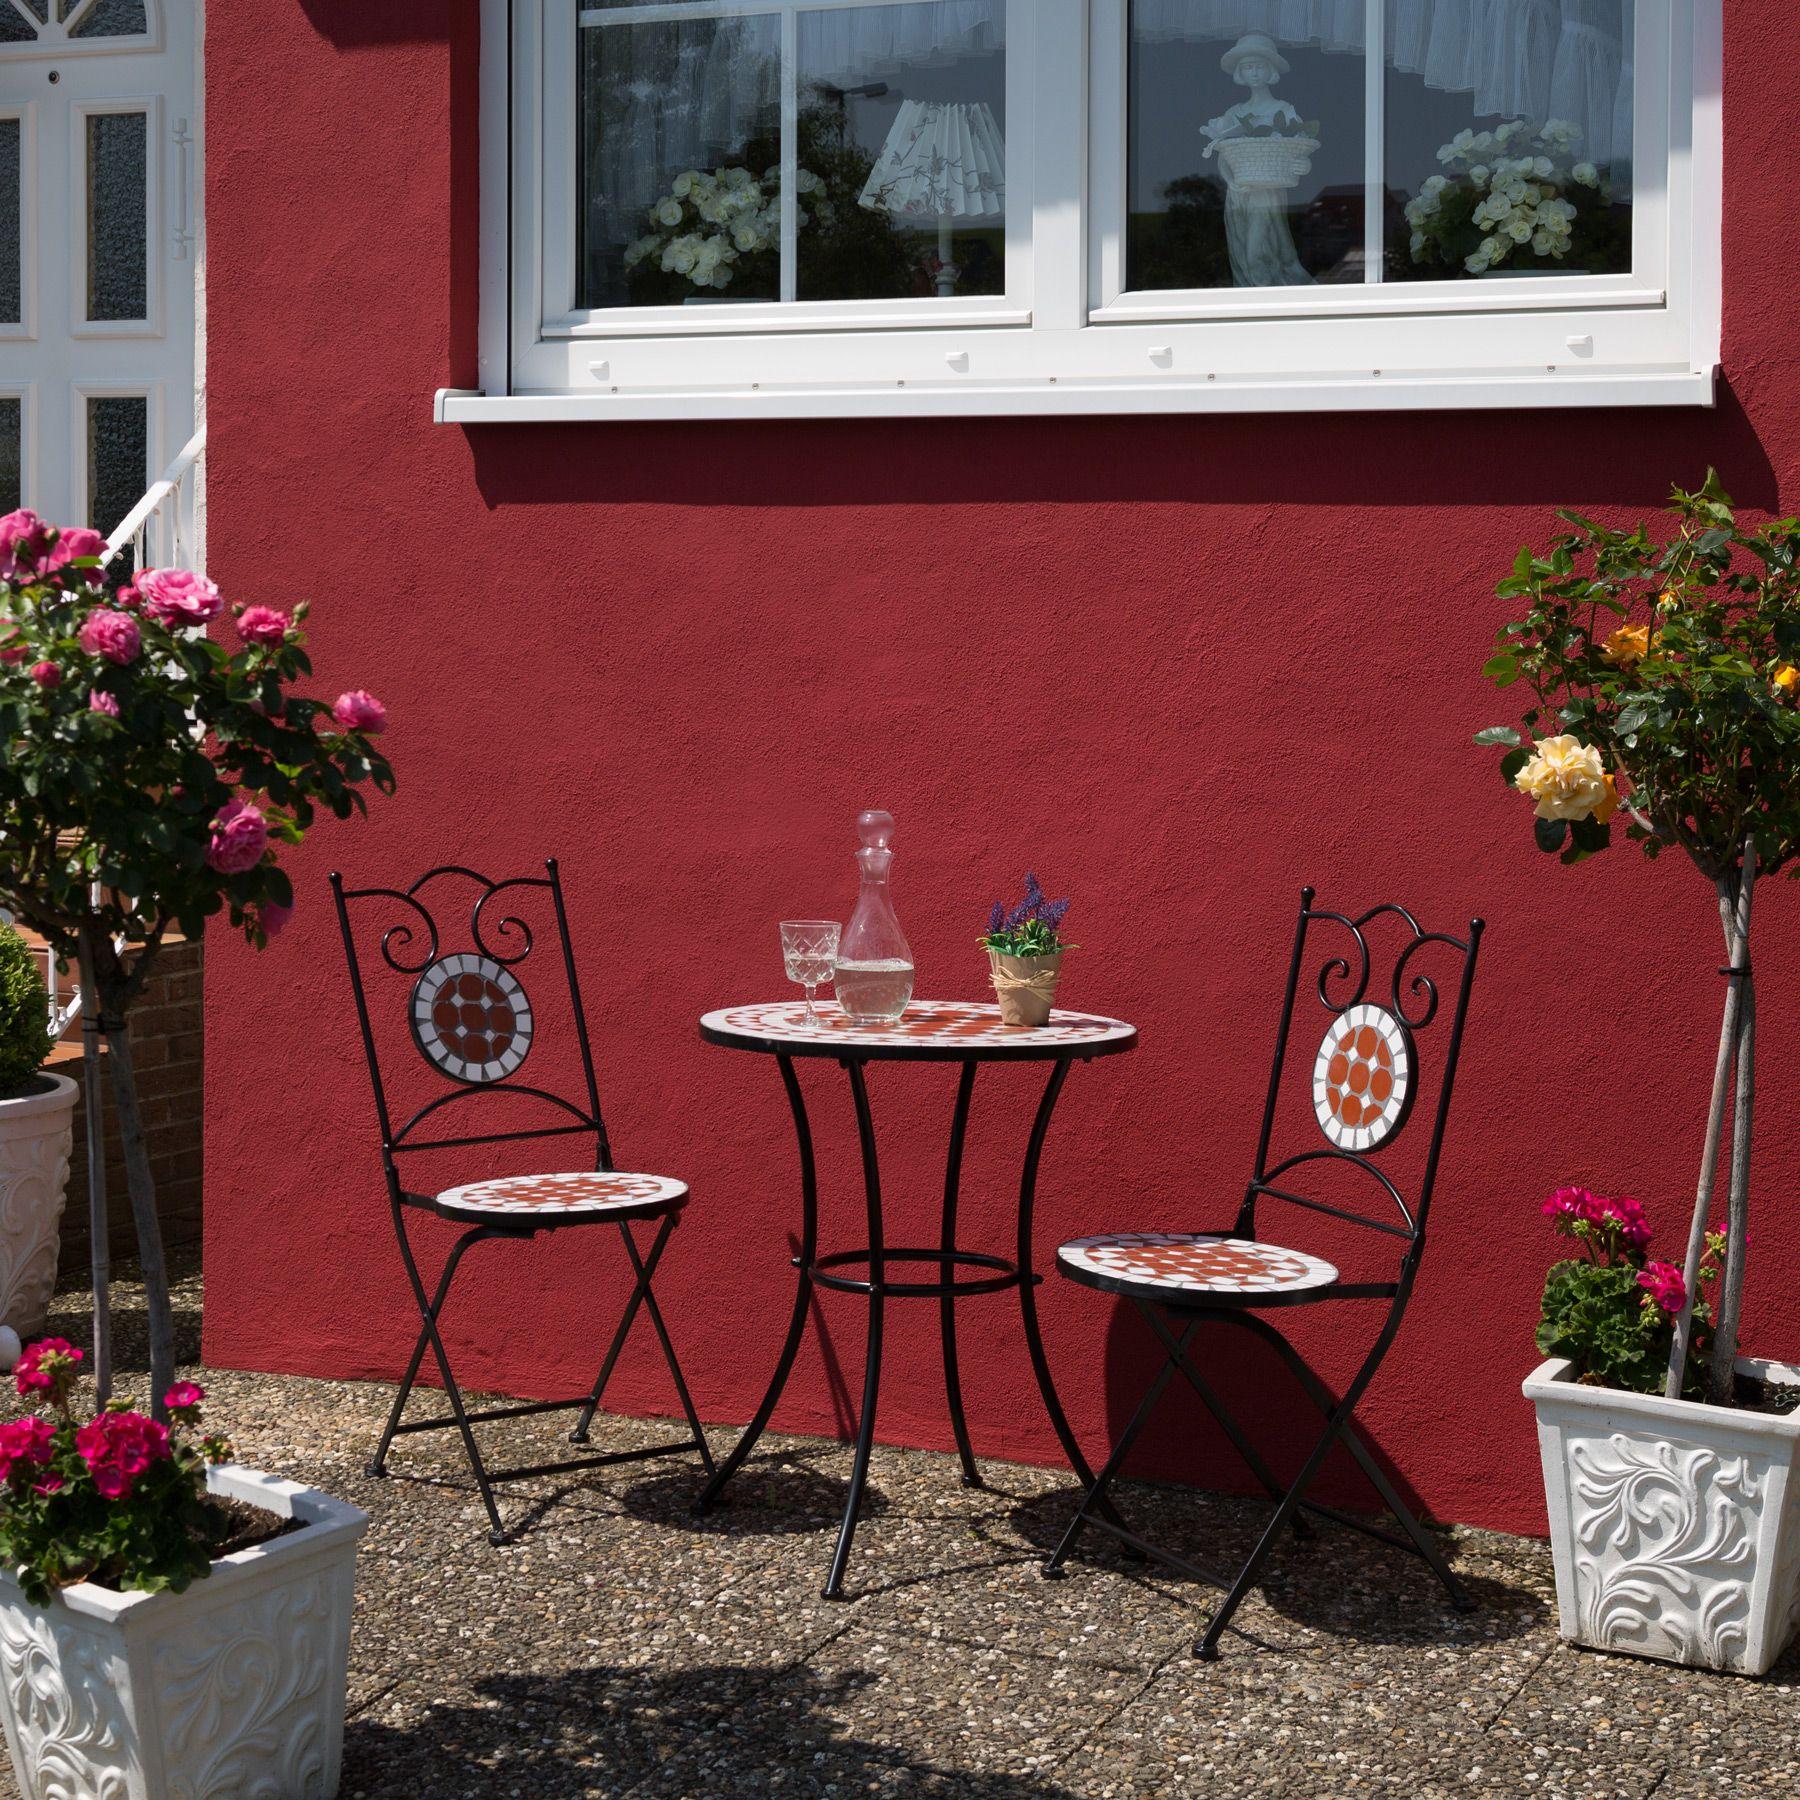 Détails sur Mobilier de jardin mosaïque table et chaises meuble bistrot bar  terrasse balcon